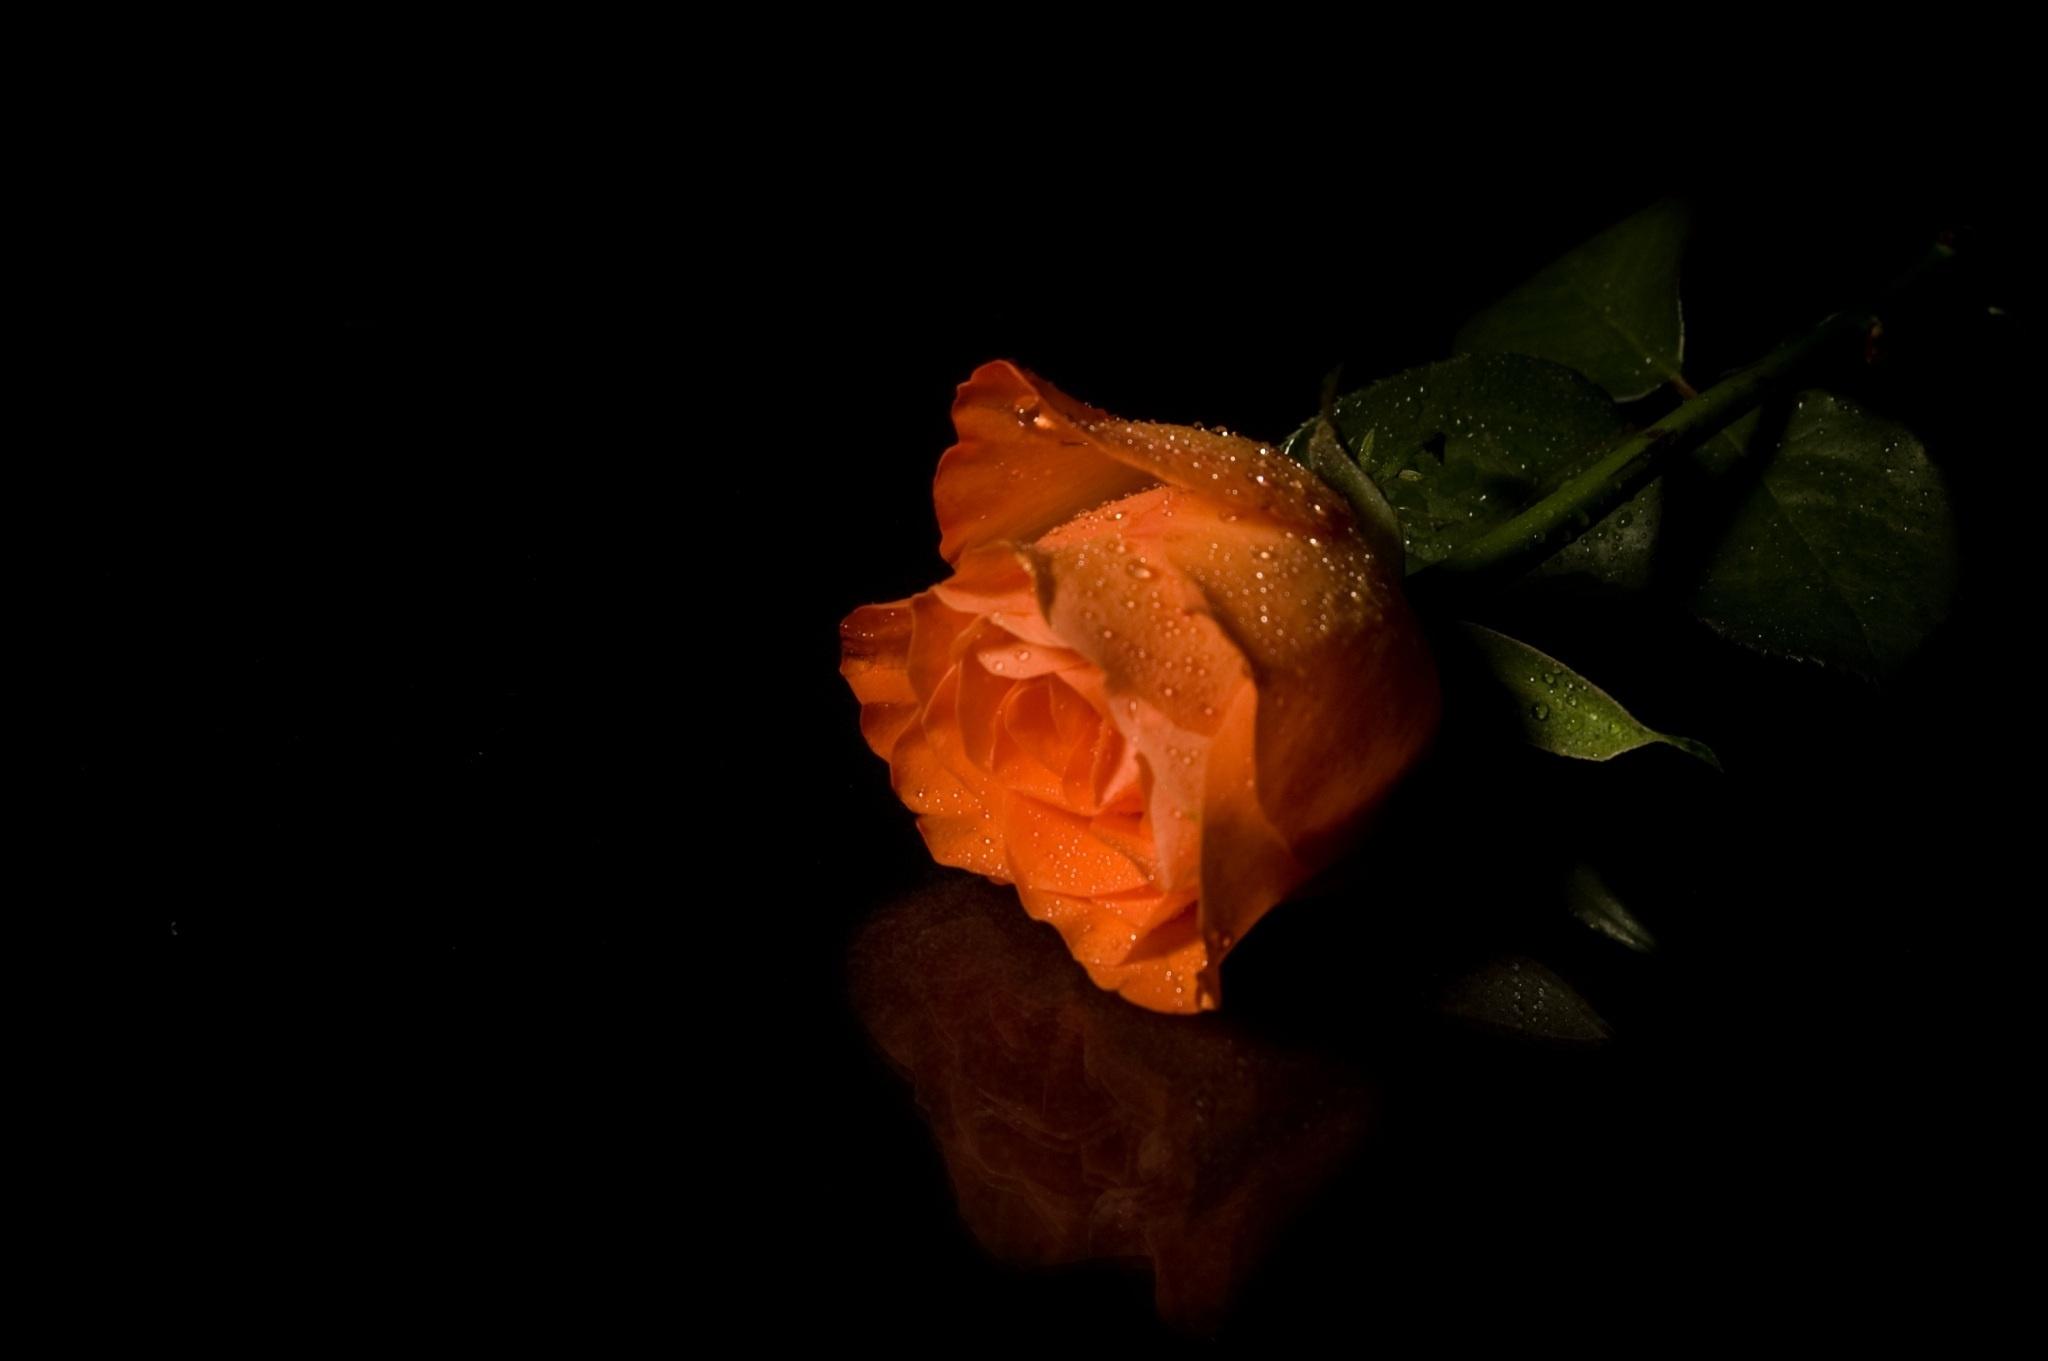 белые розы на черном фоне обои на рабочий стол № 133729 бесплатно